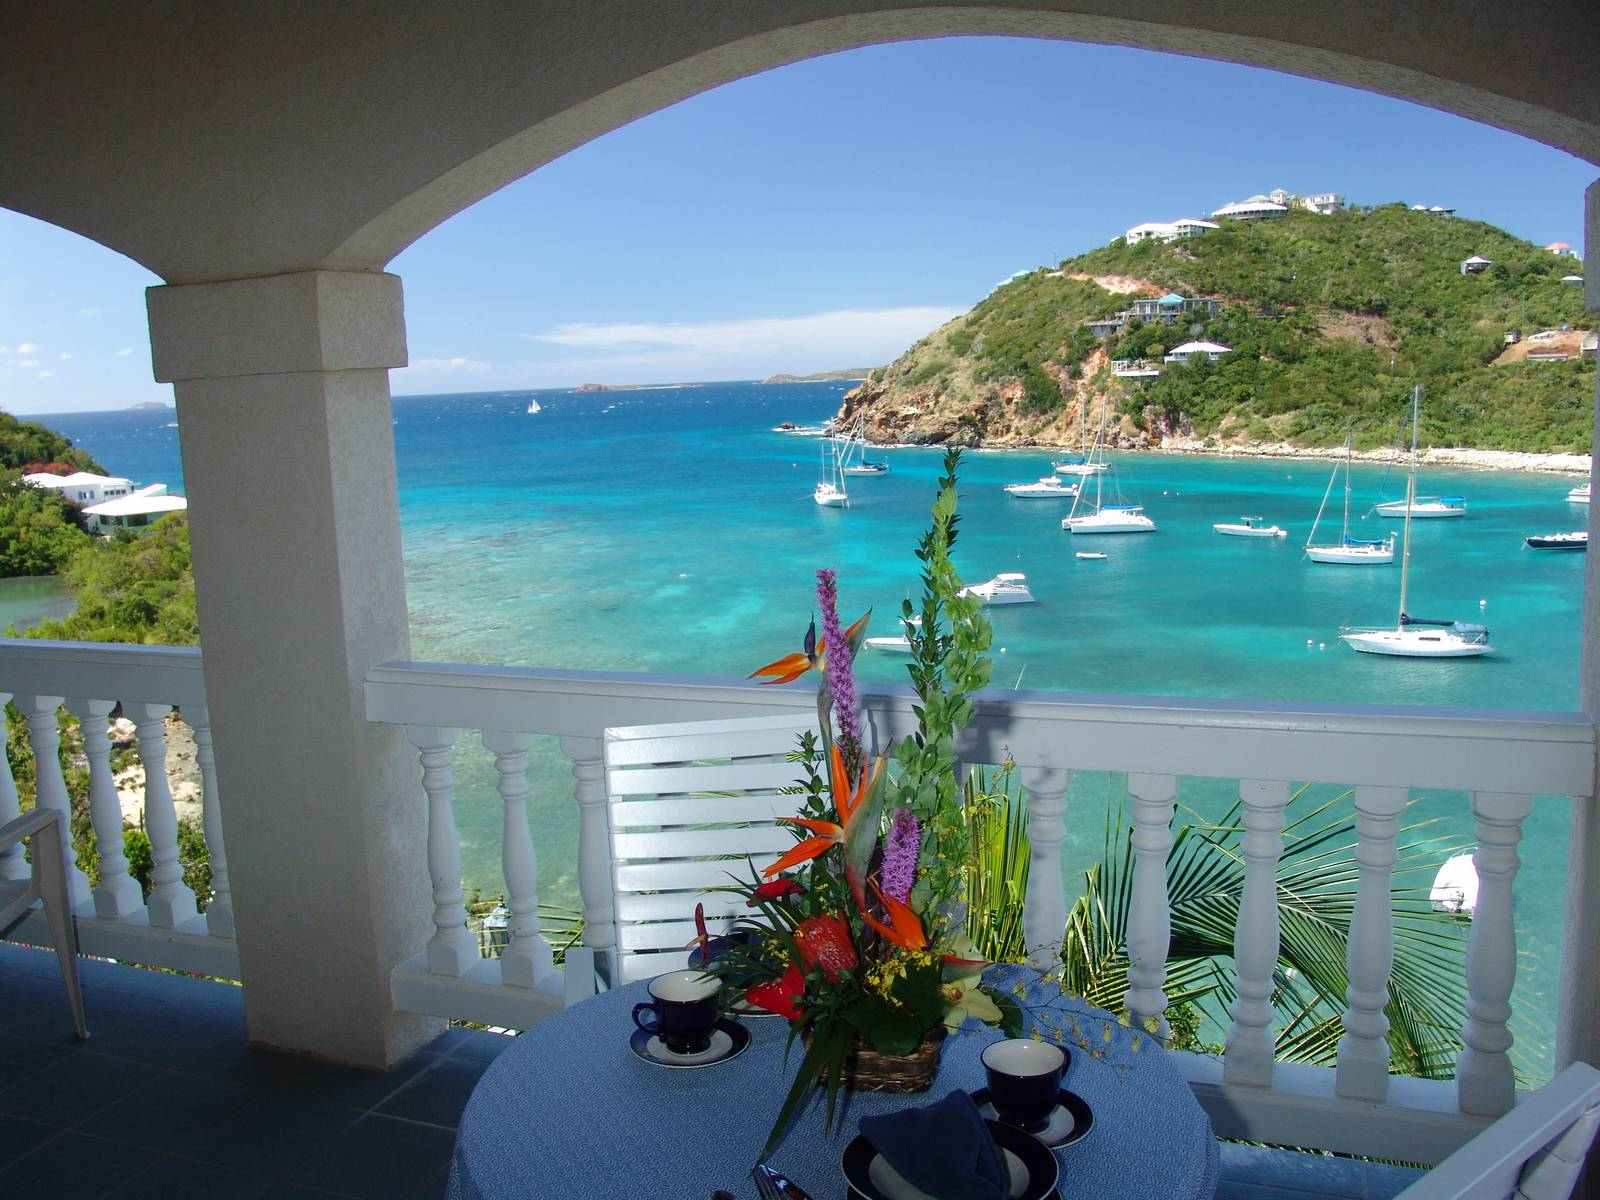 St John Usvi Vacations Al Villas Villa Carefree Get